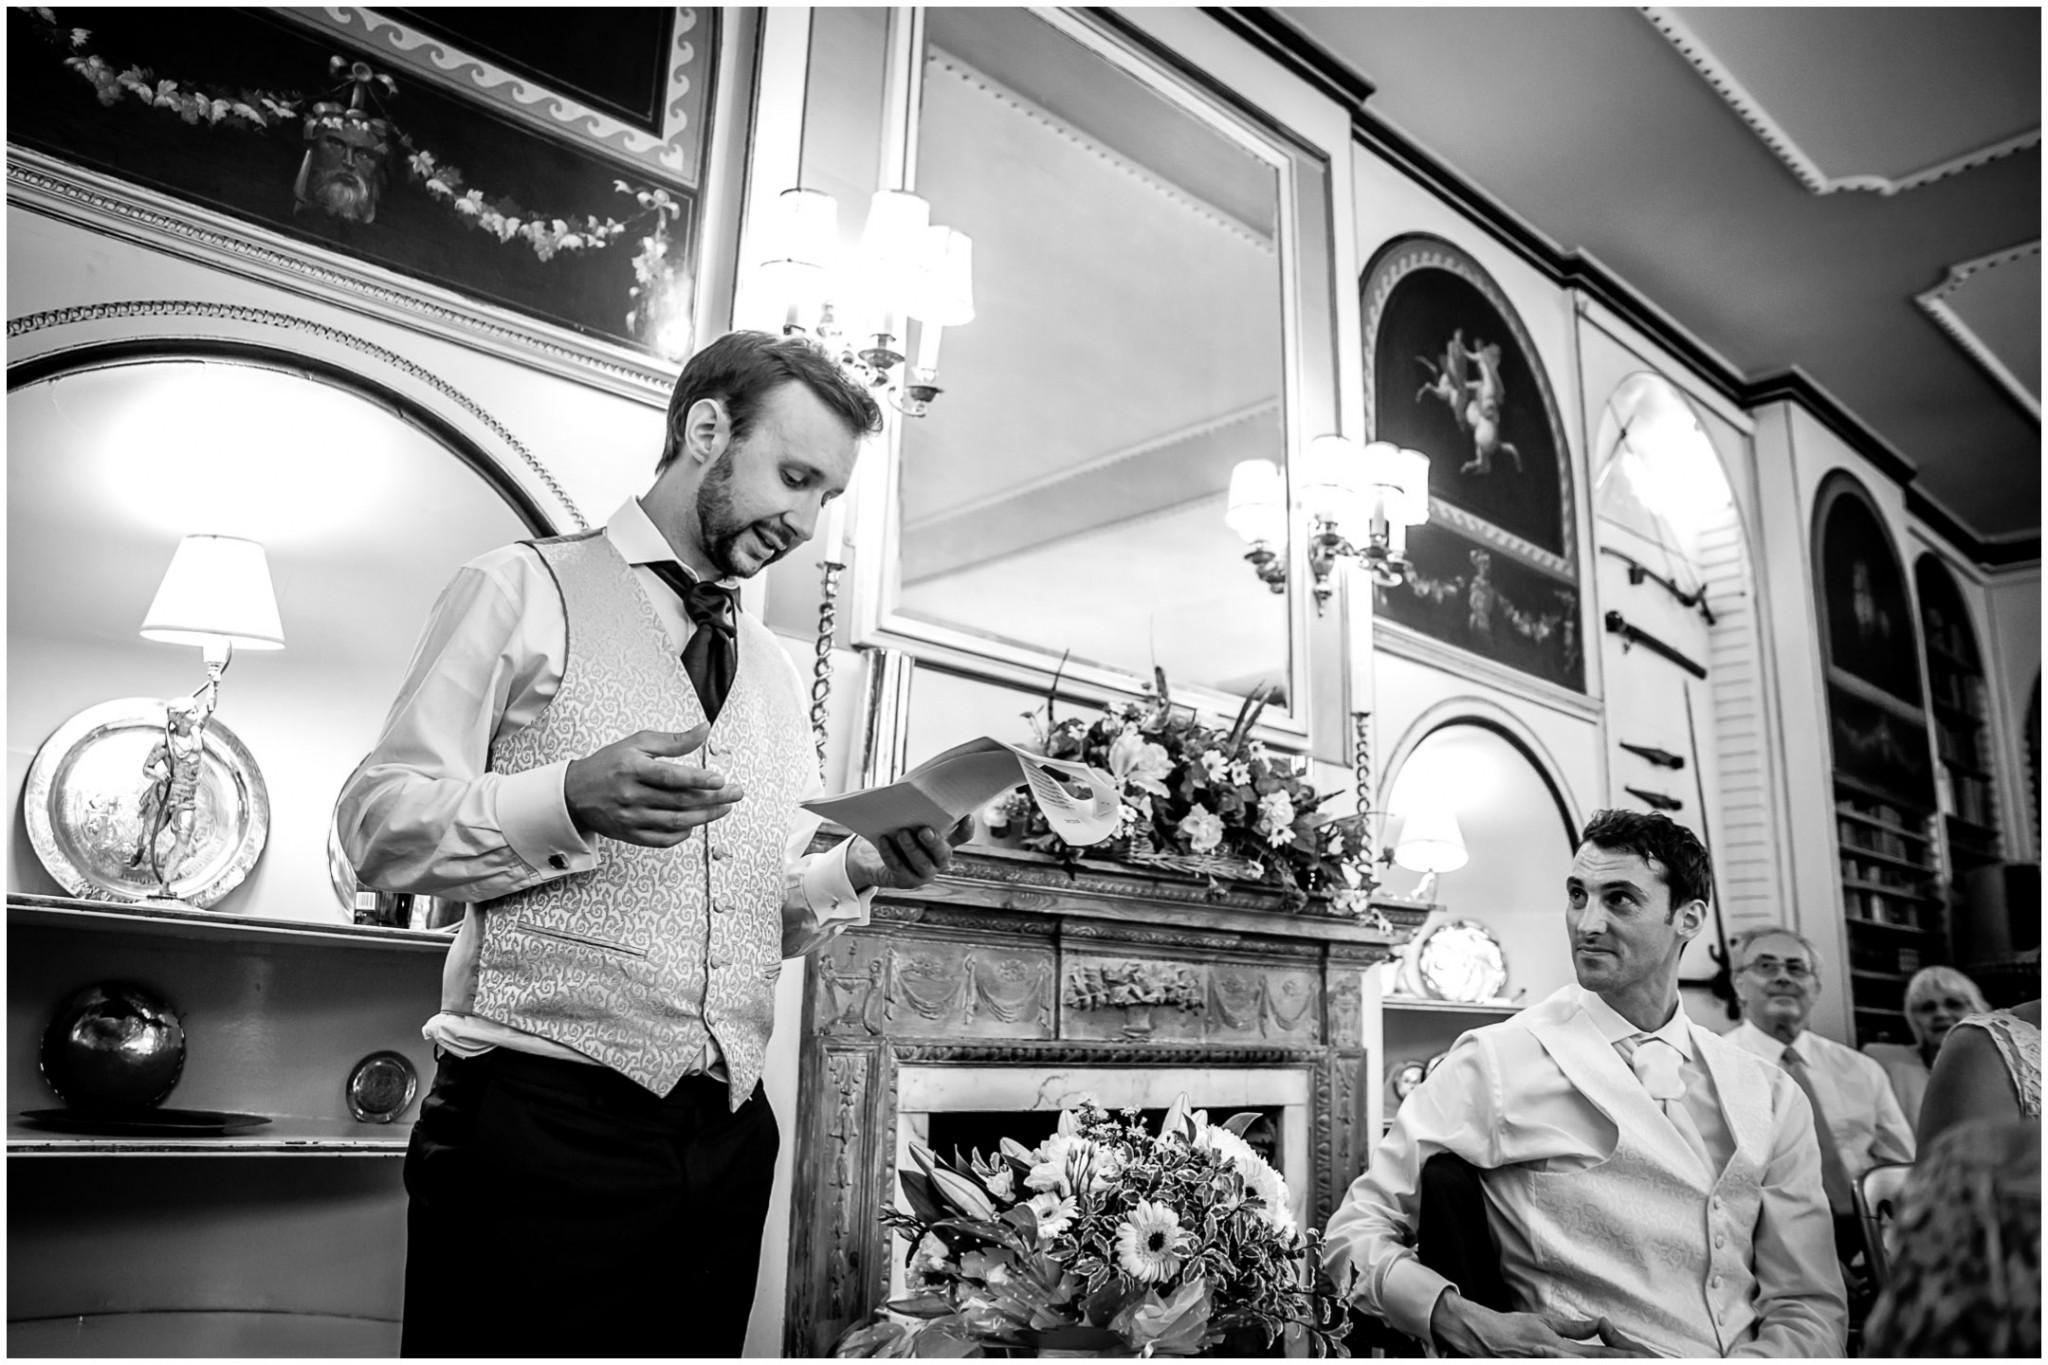 Avington Park Wedding Speech given by Best Man